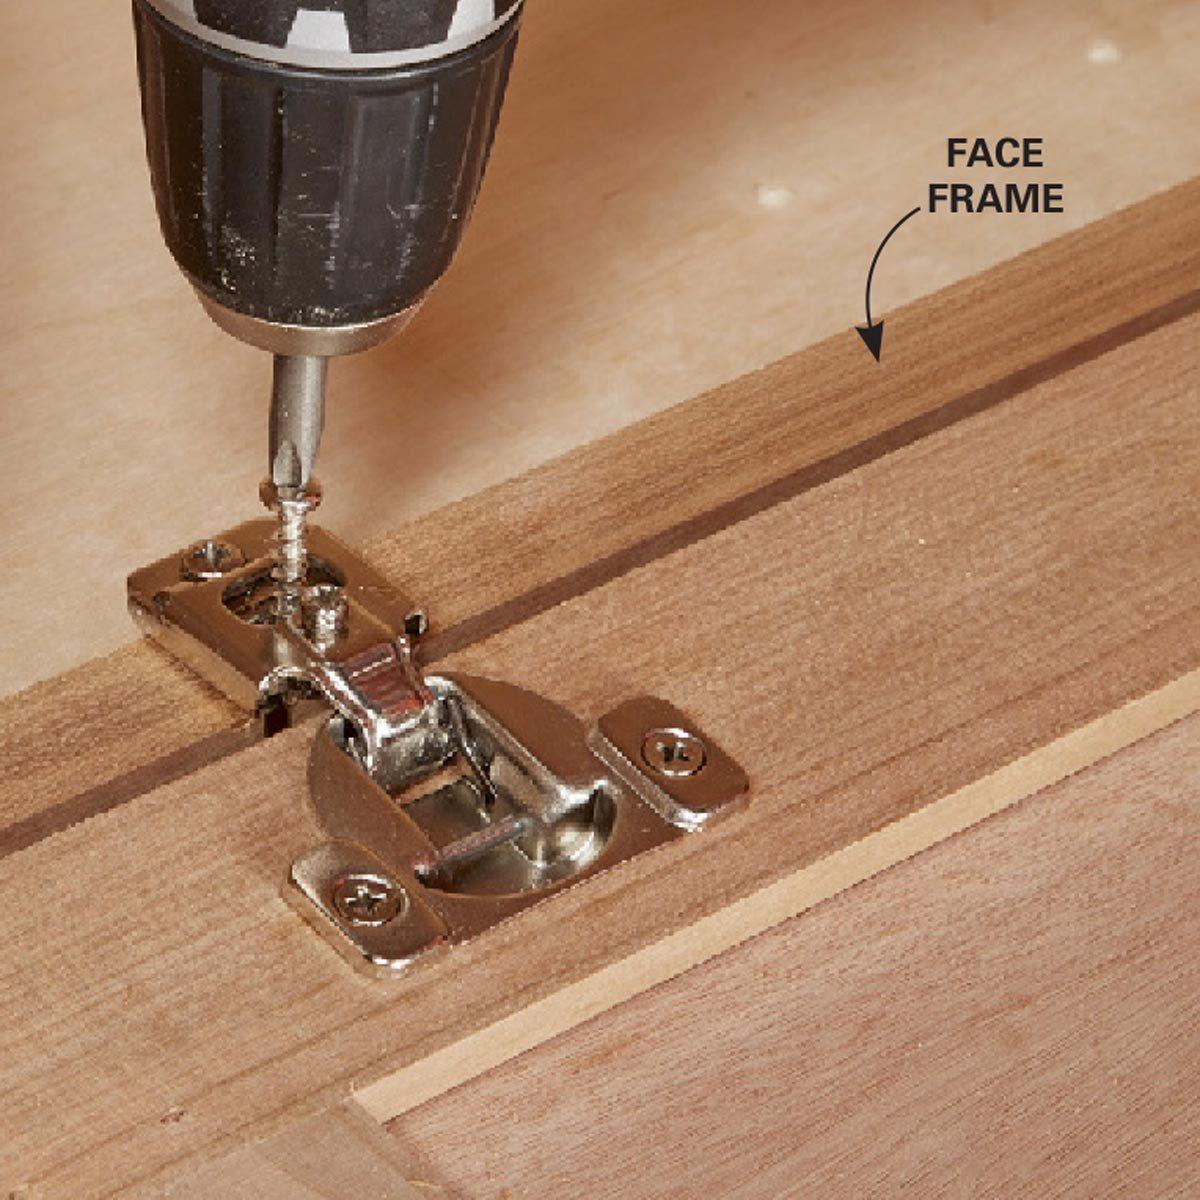 5. Face frame: Fasten the hinge